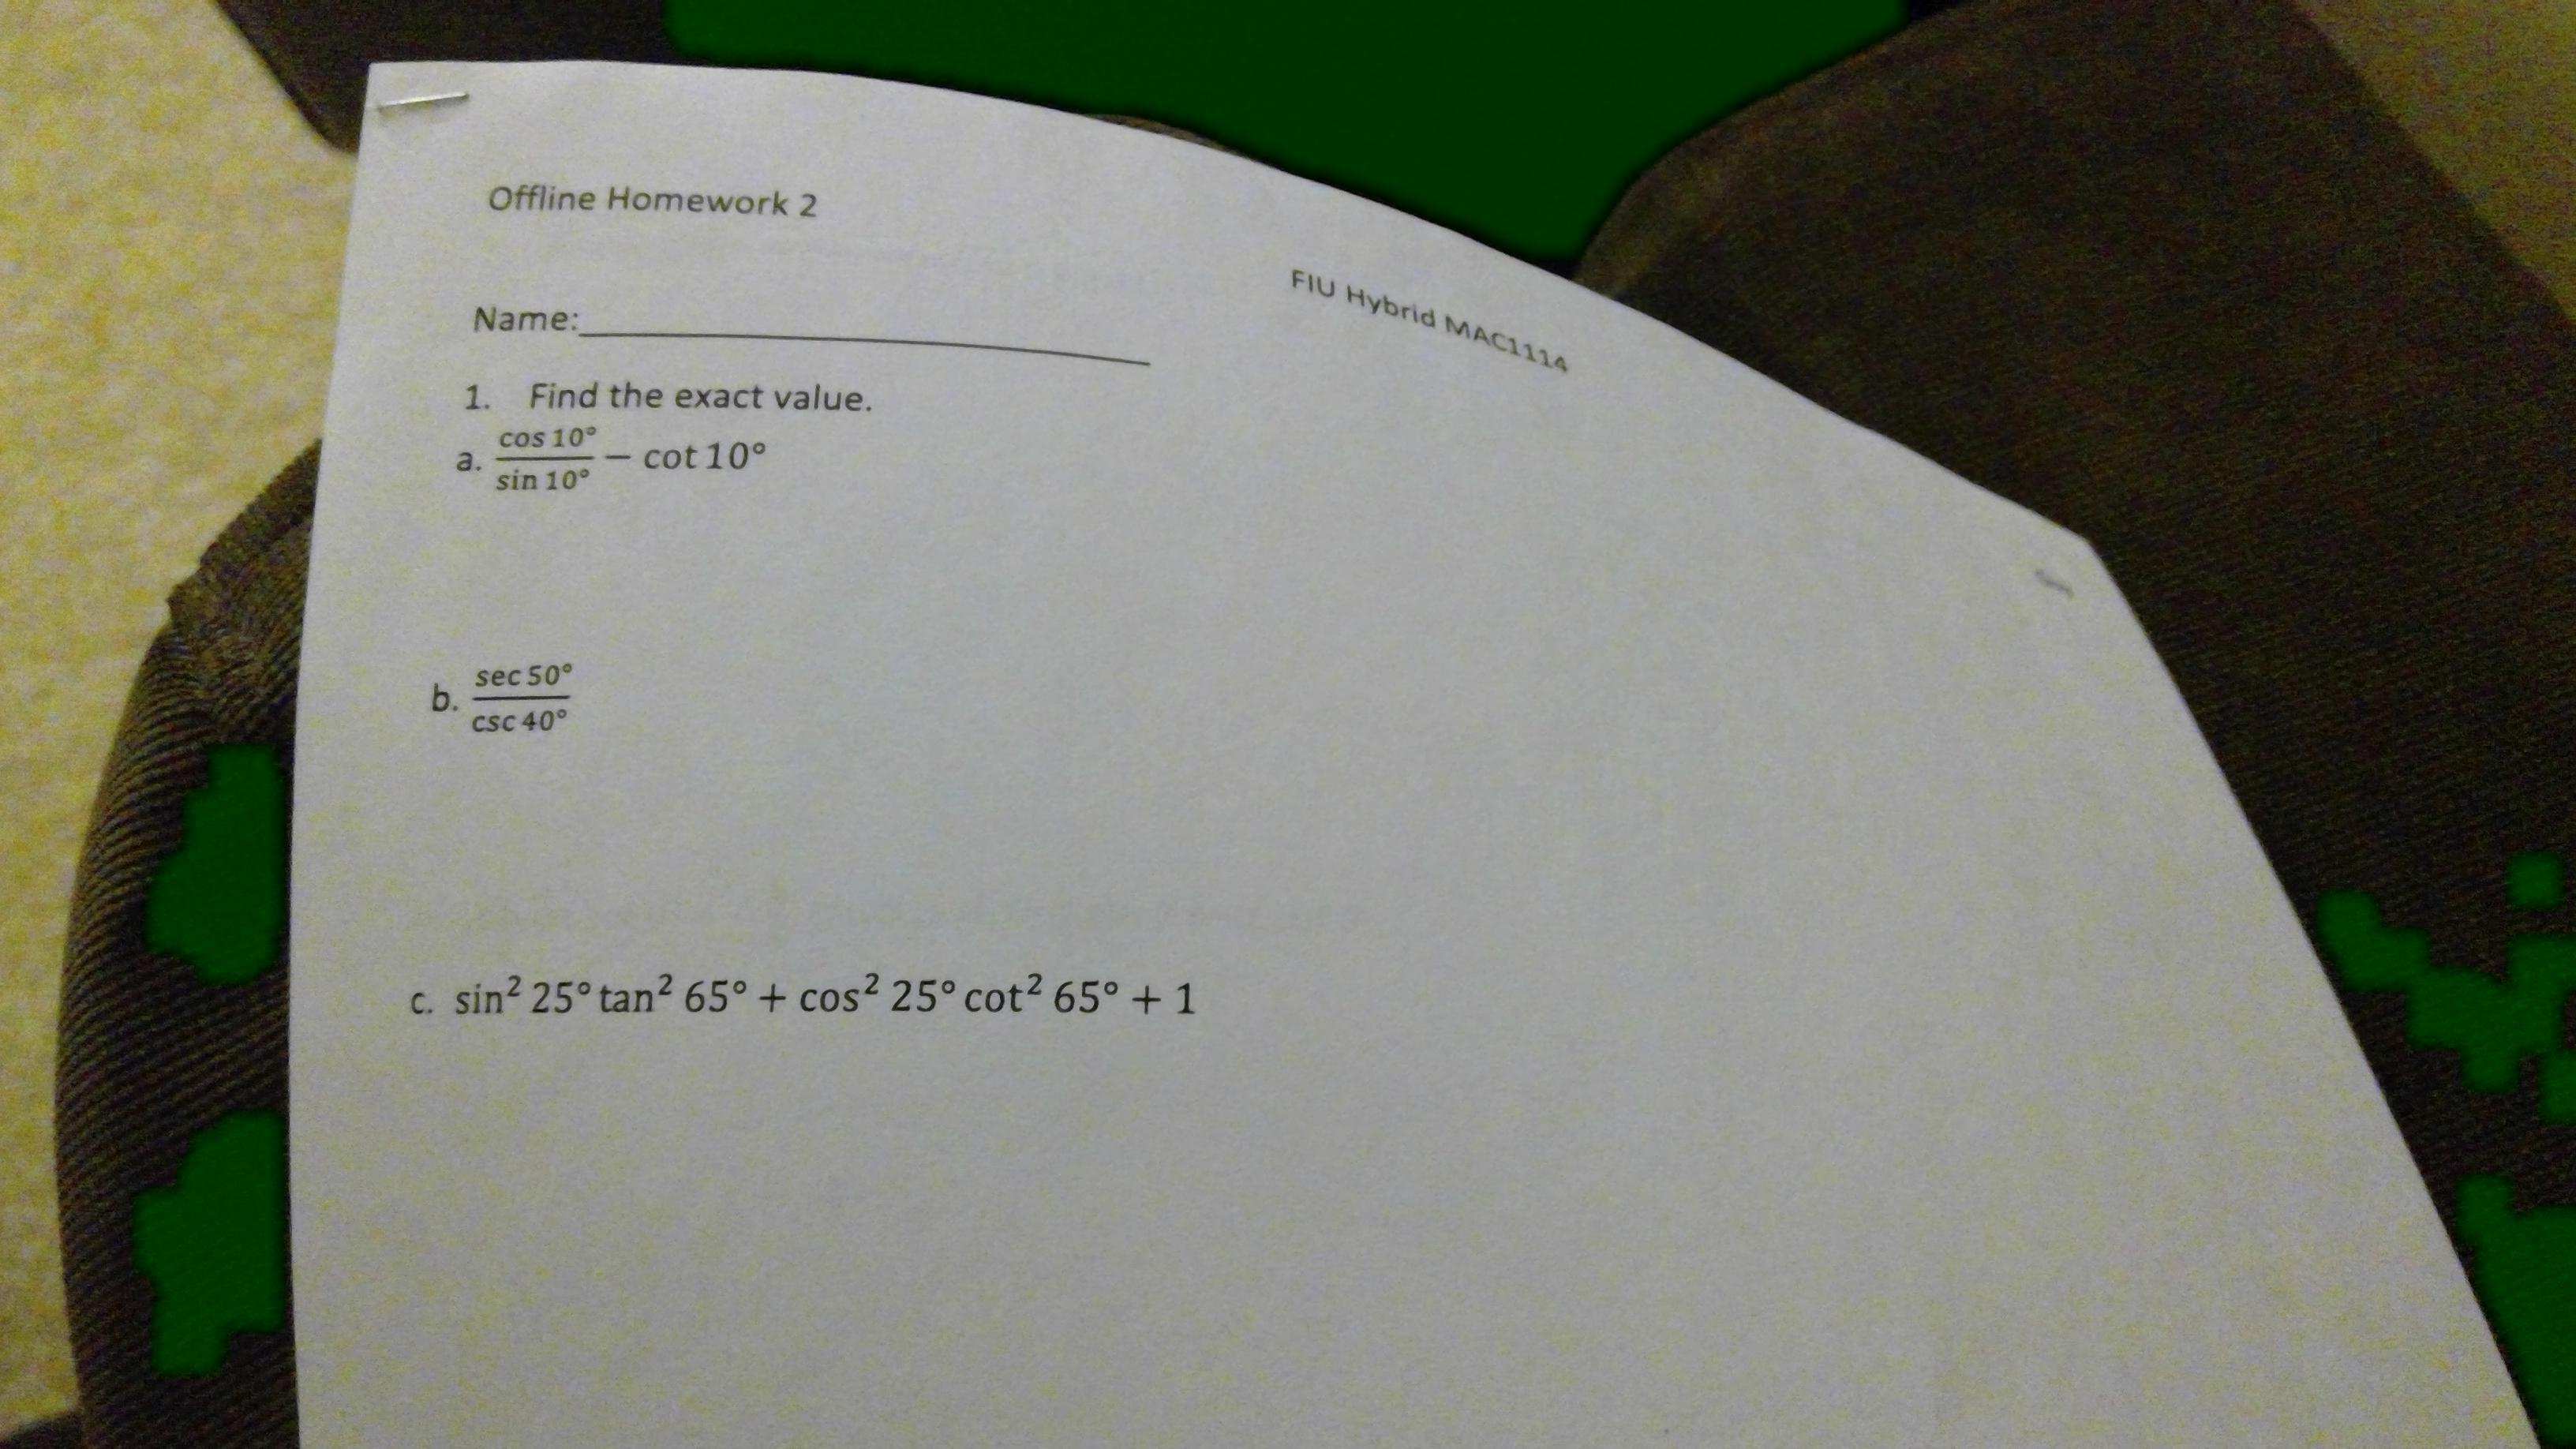 Offline Homework 2 FIU Hybrid MAC1114 Name: Find the exact value. 1. cos 10° a. sin 10° - cot 10° sec 50° b. csC 40° c. sin? 25° tan? 65° + cos² 25° cot2 65° + 1